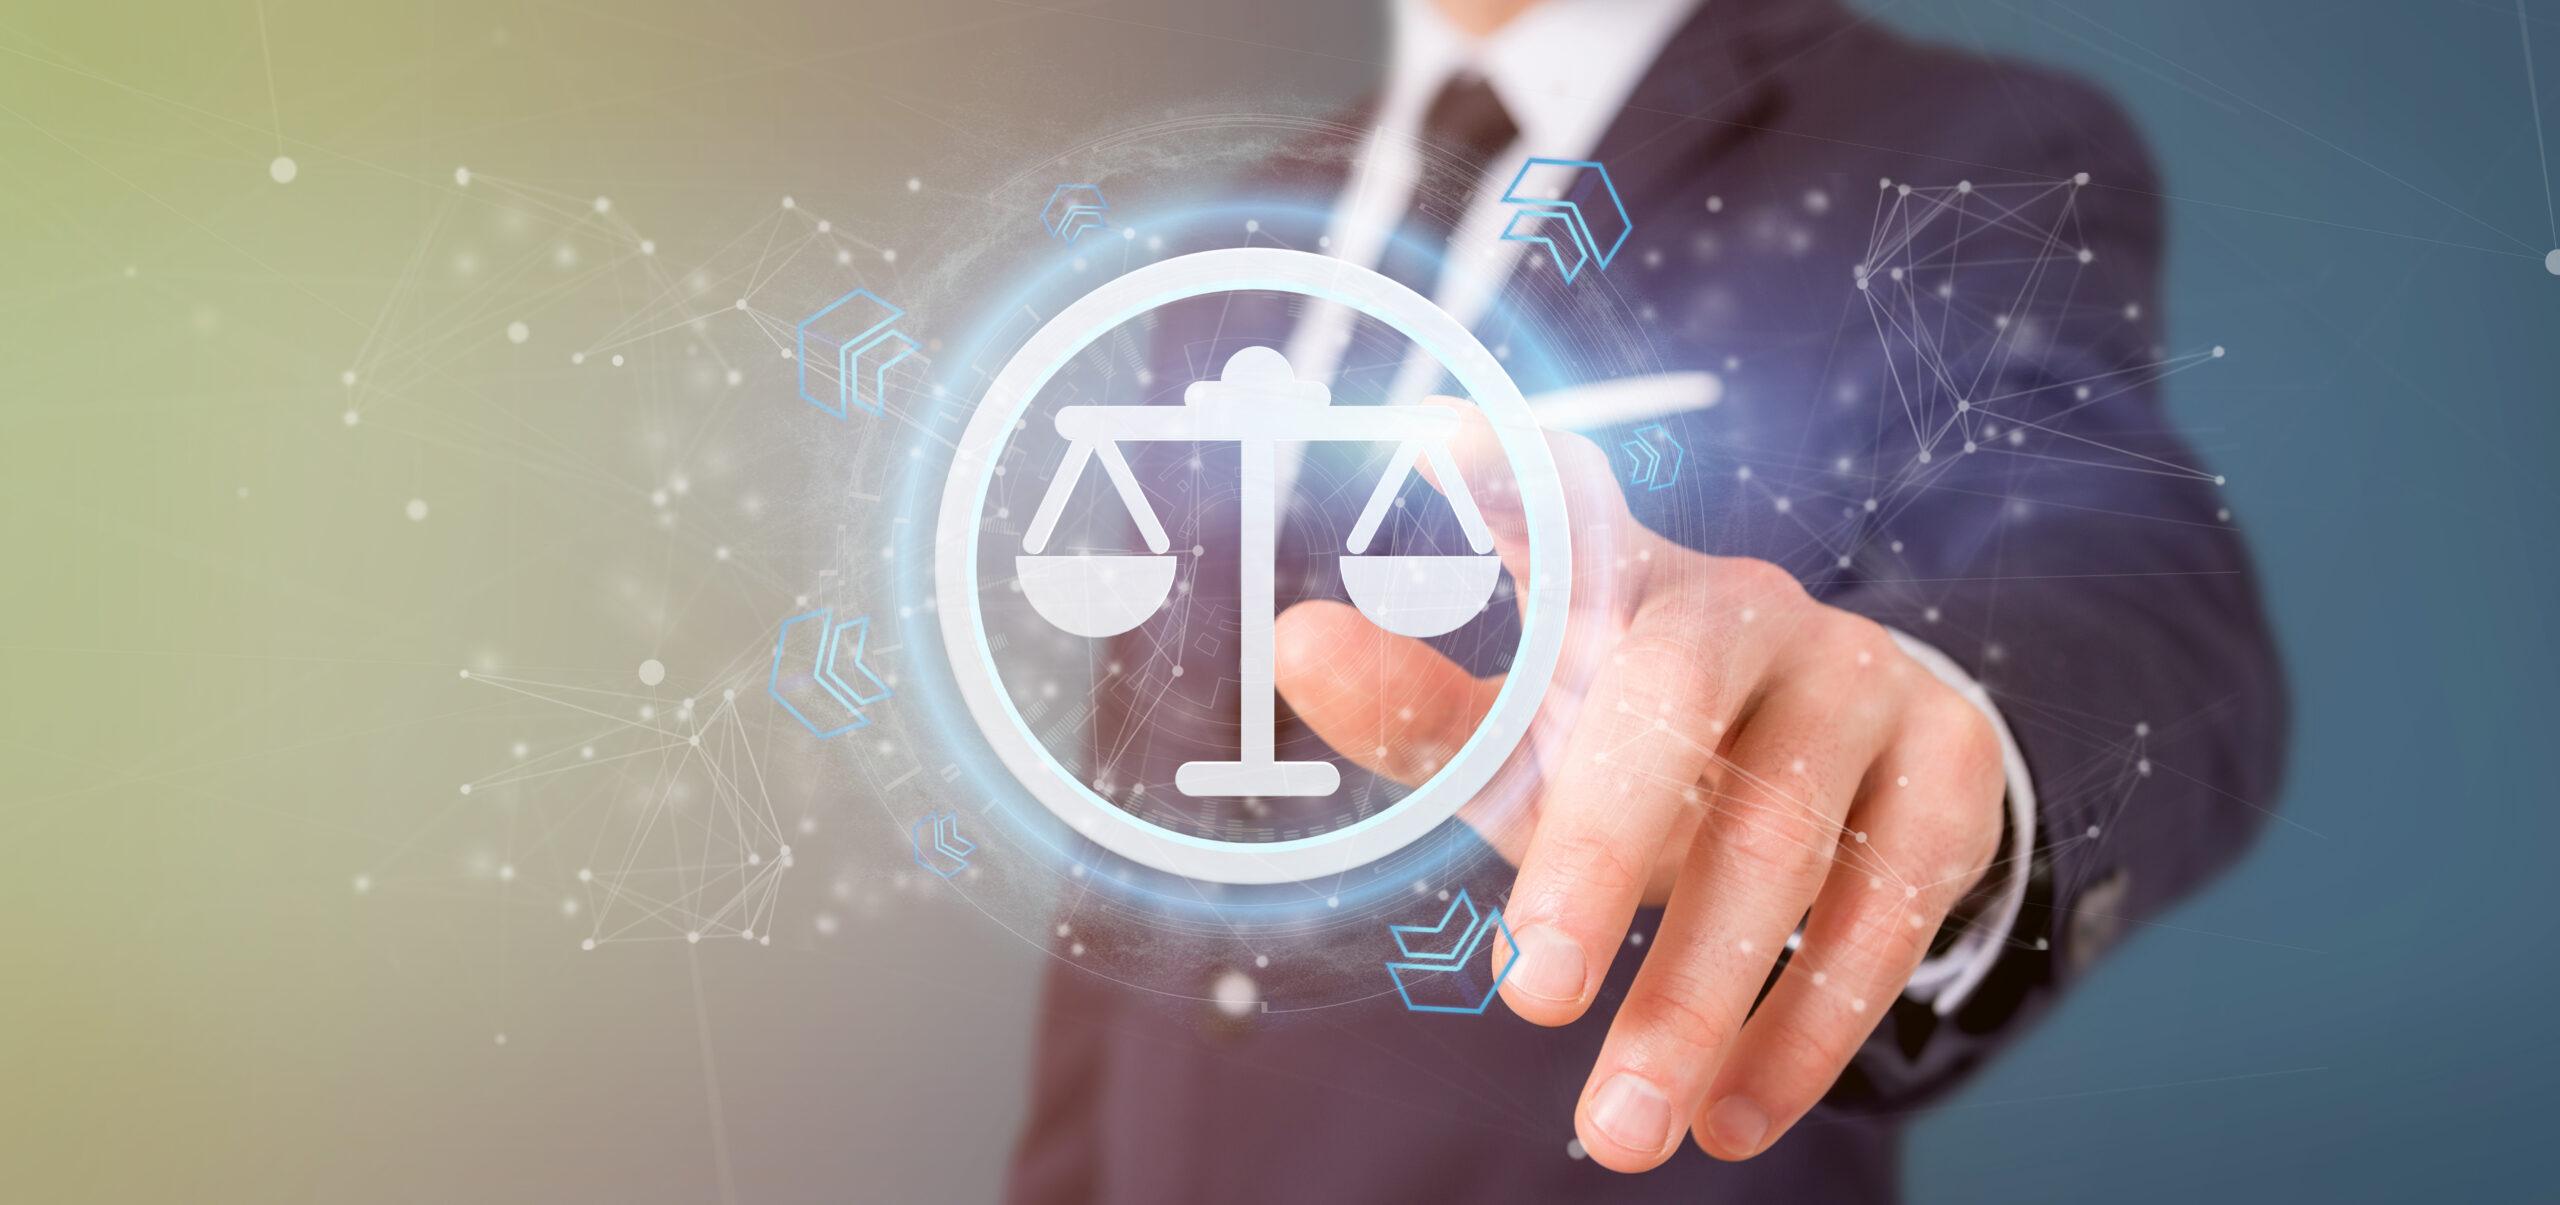 Aprueban los Lineamientos para la Implementación y Funcionamiento del Modelo de Prevención de Delitos en aplicación de lo previsto en la Ley 30424